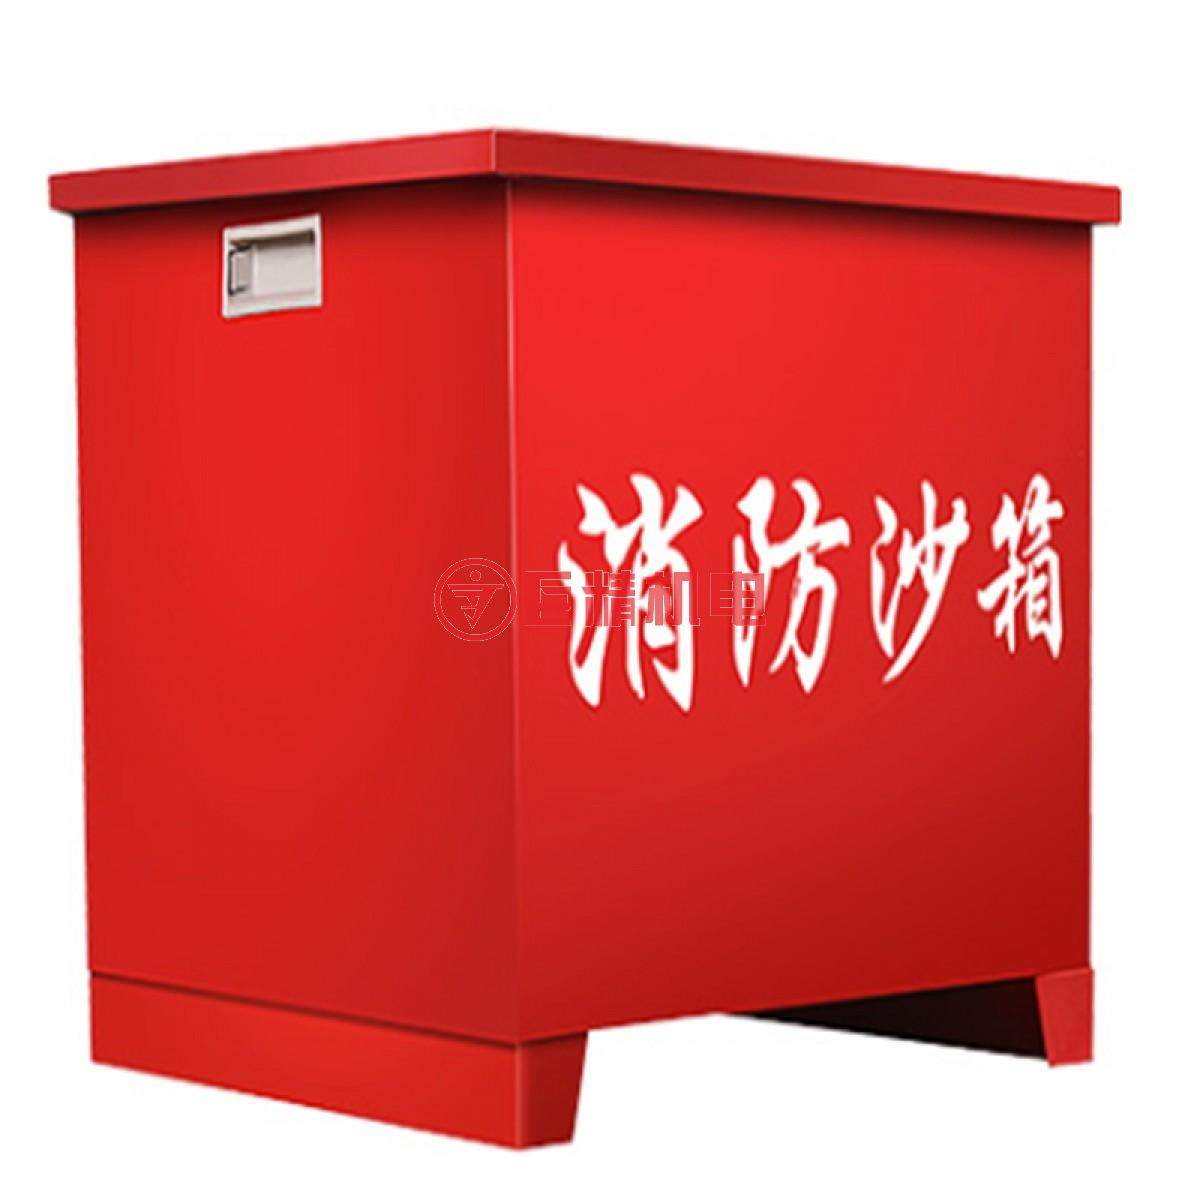 中安消防沙箱400*400*400MM